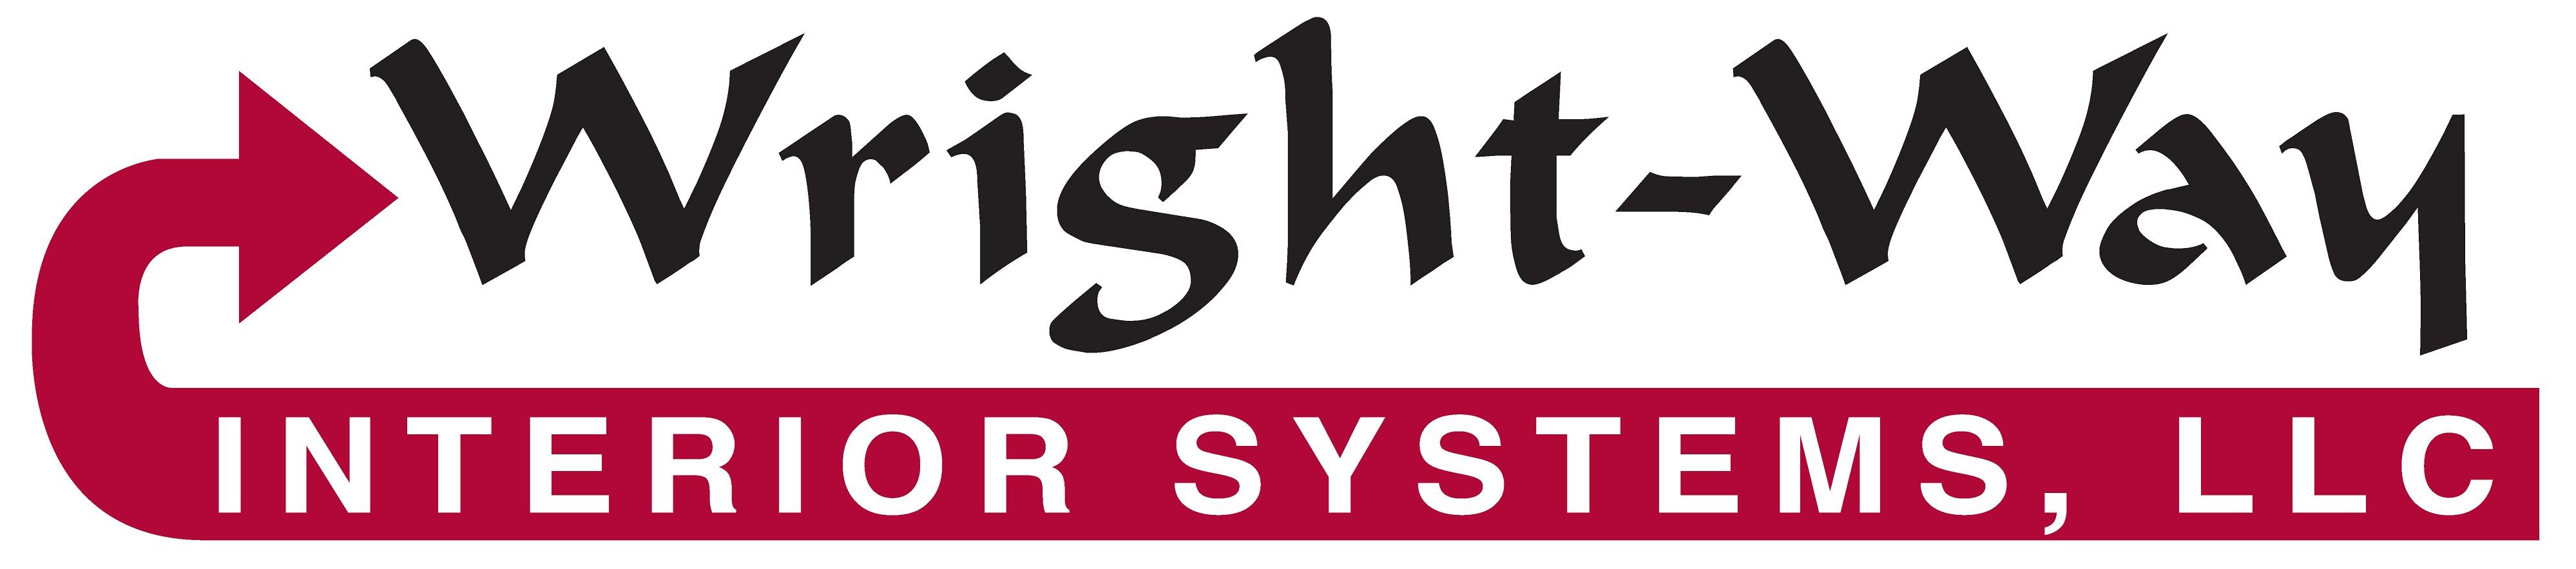 Wright-Way logo